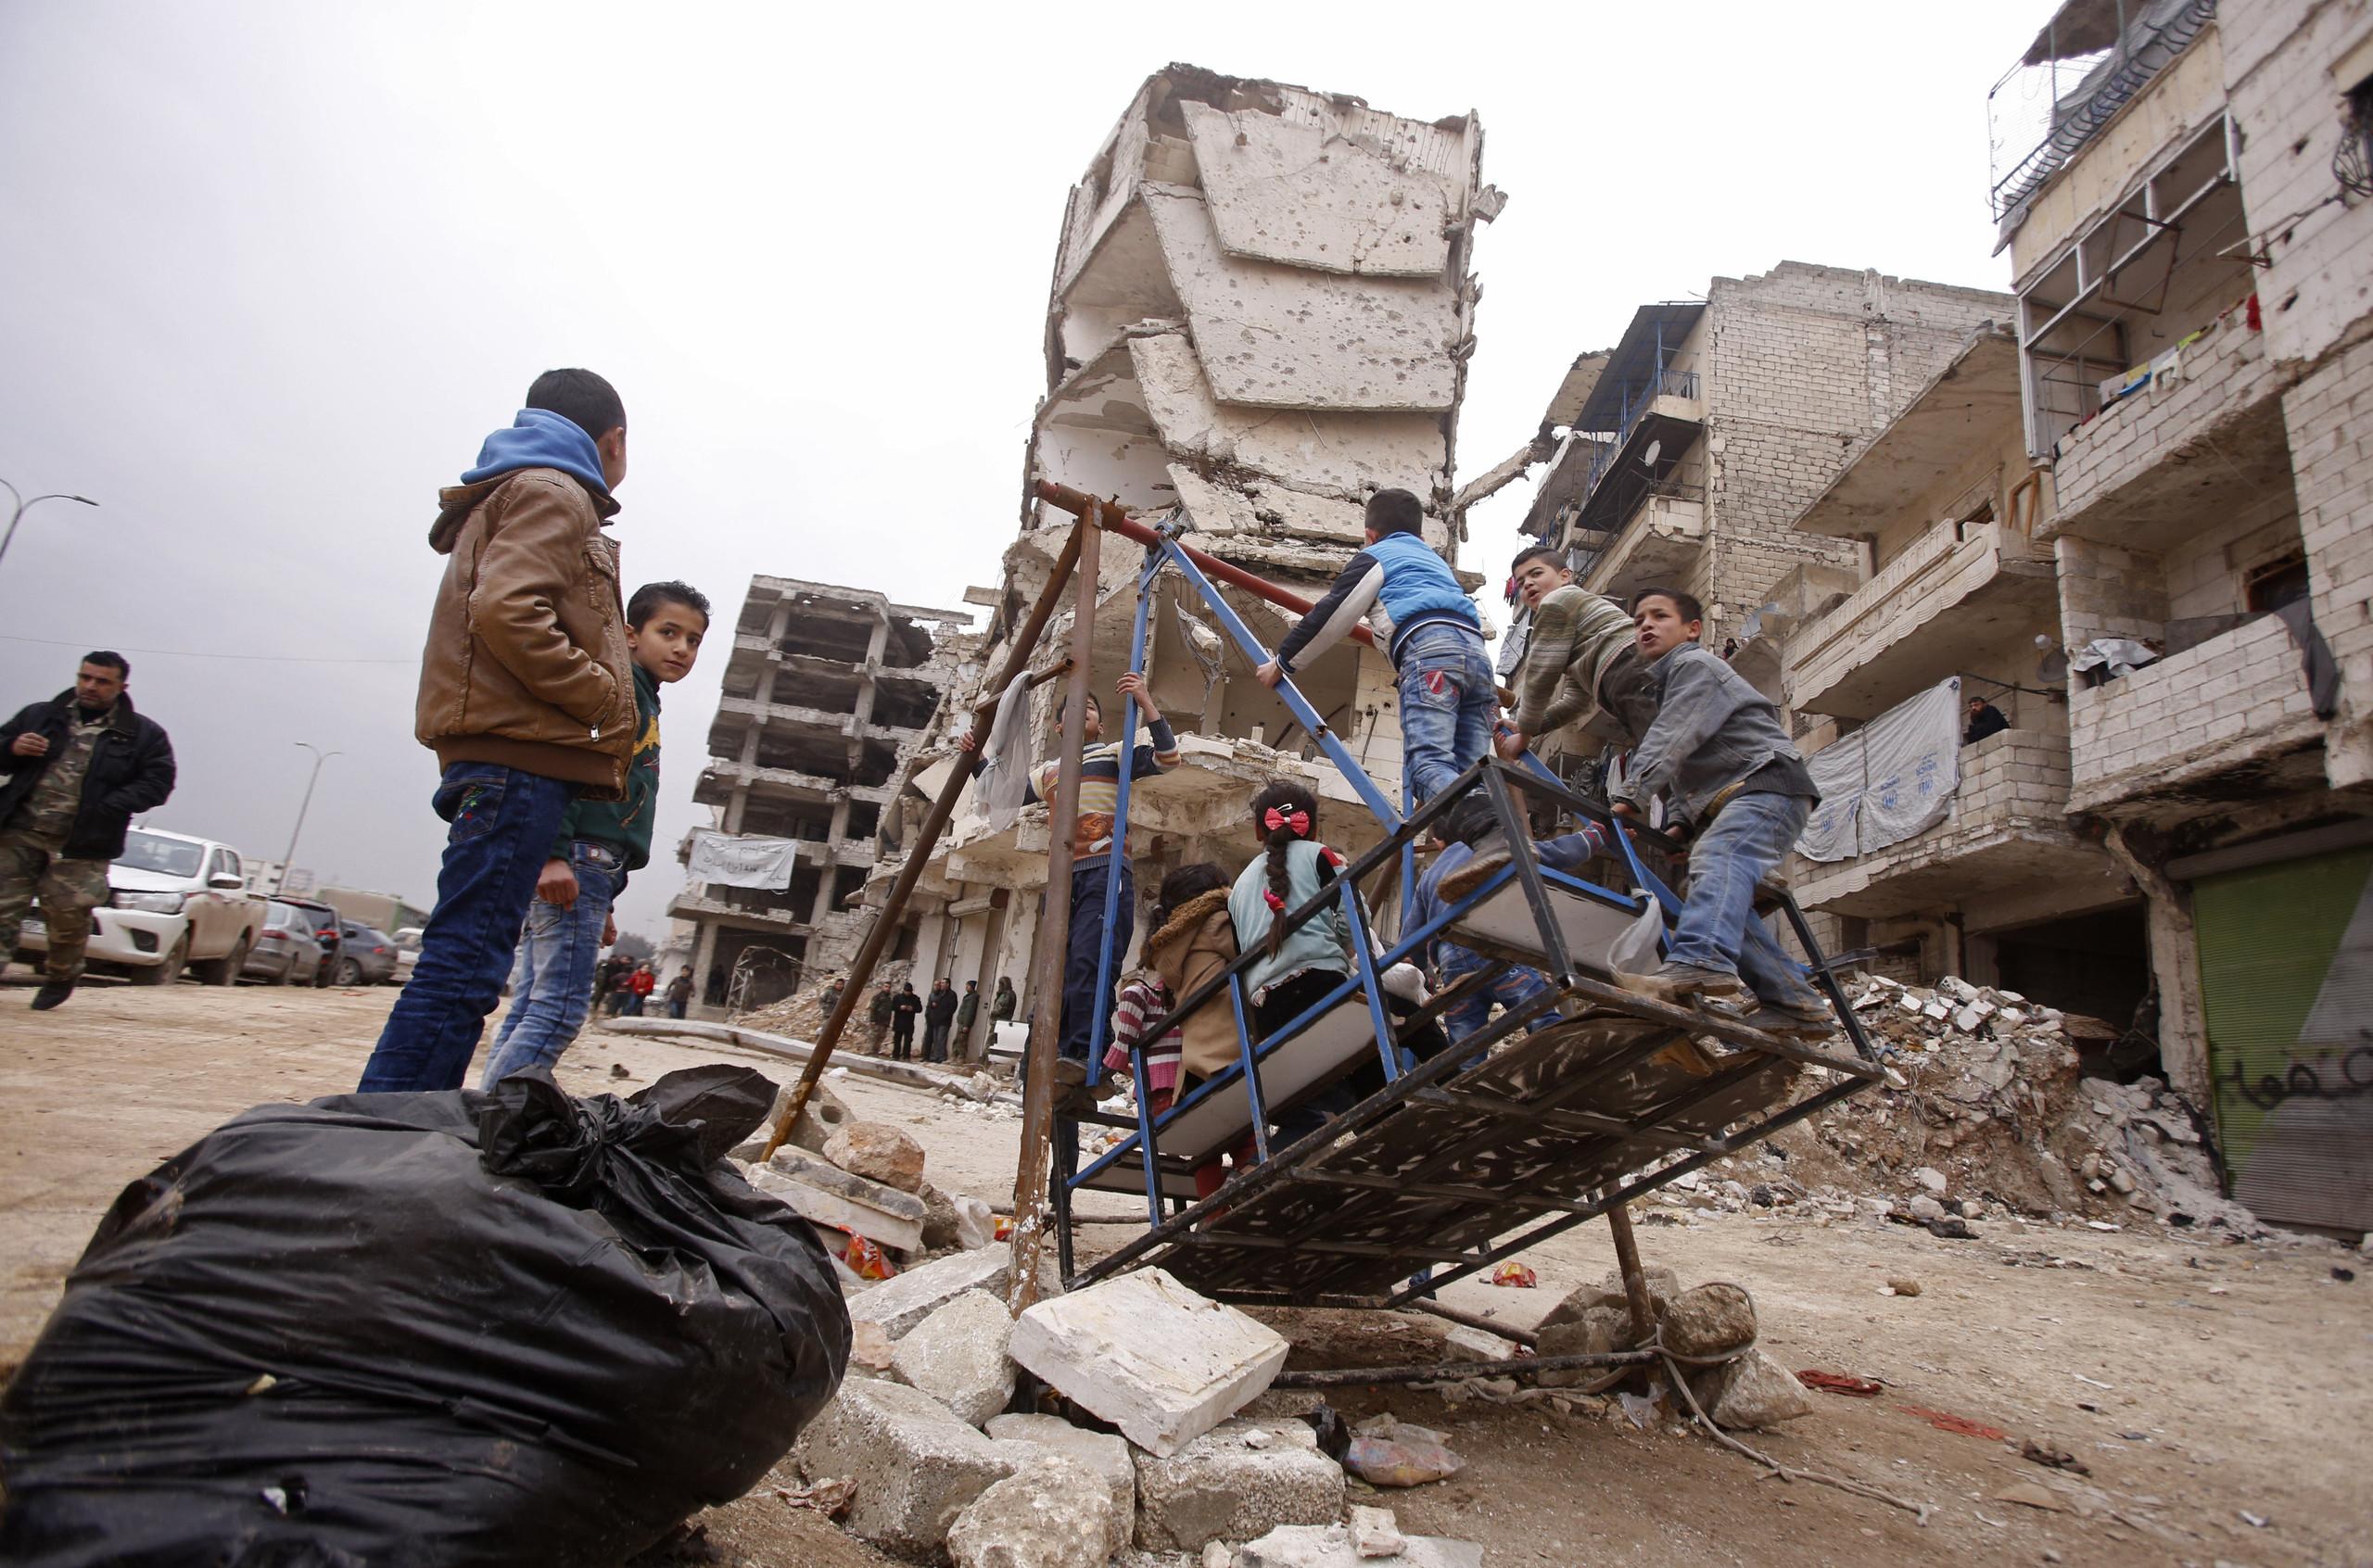 صورة دي ميستورا: 250 مليار دولار تكلفة إعادة إعمار سوريا